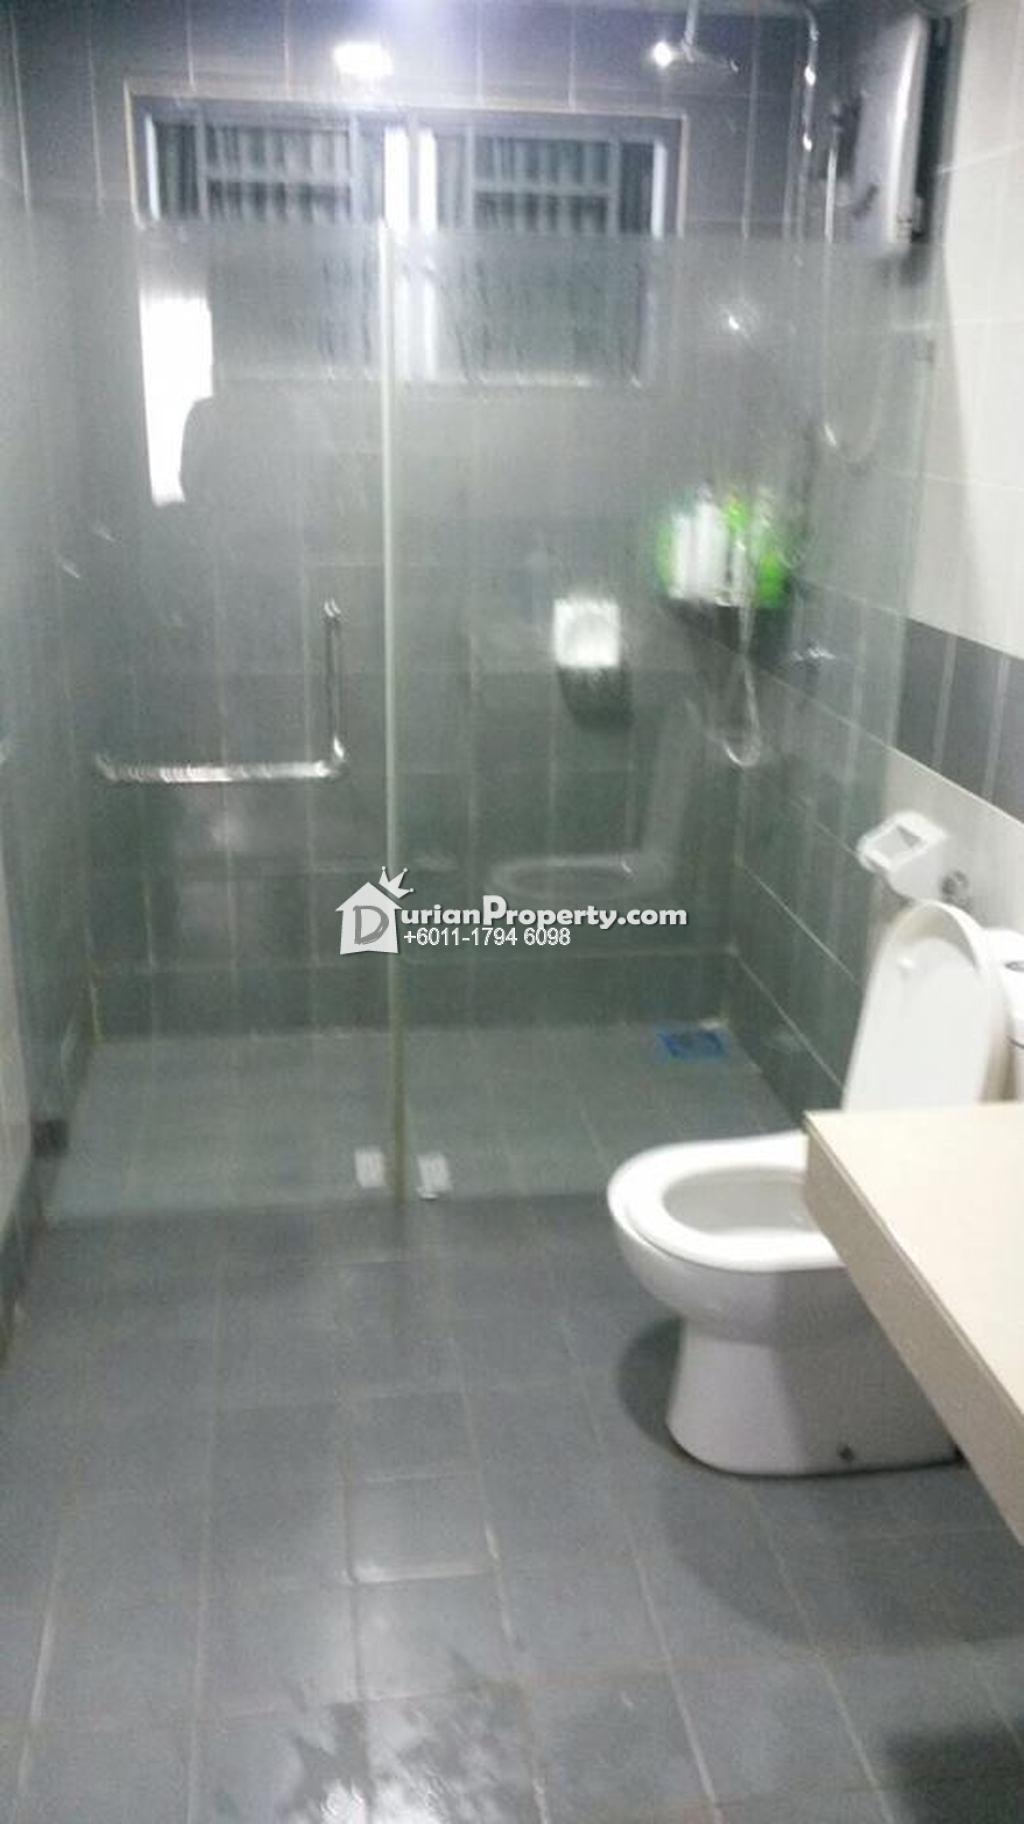 Condo for rent at koi kinrara bandar puchong jaya for rm for Koi kinrara swimming pool